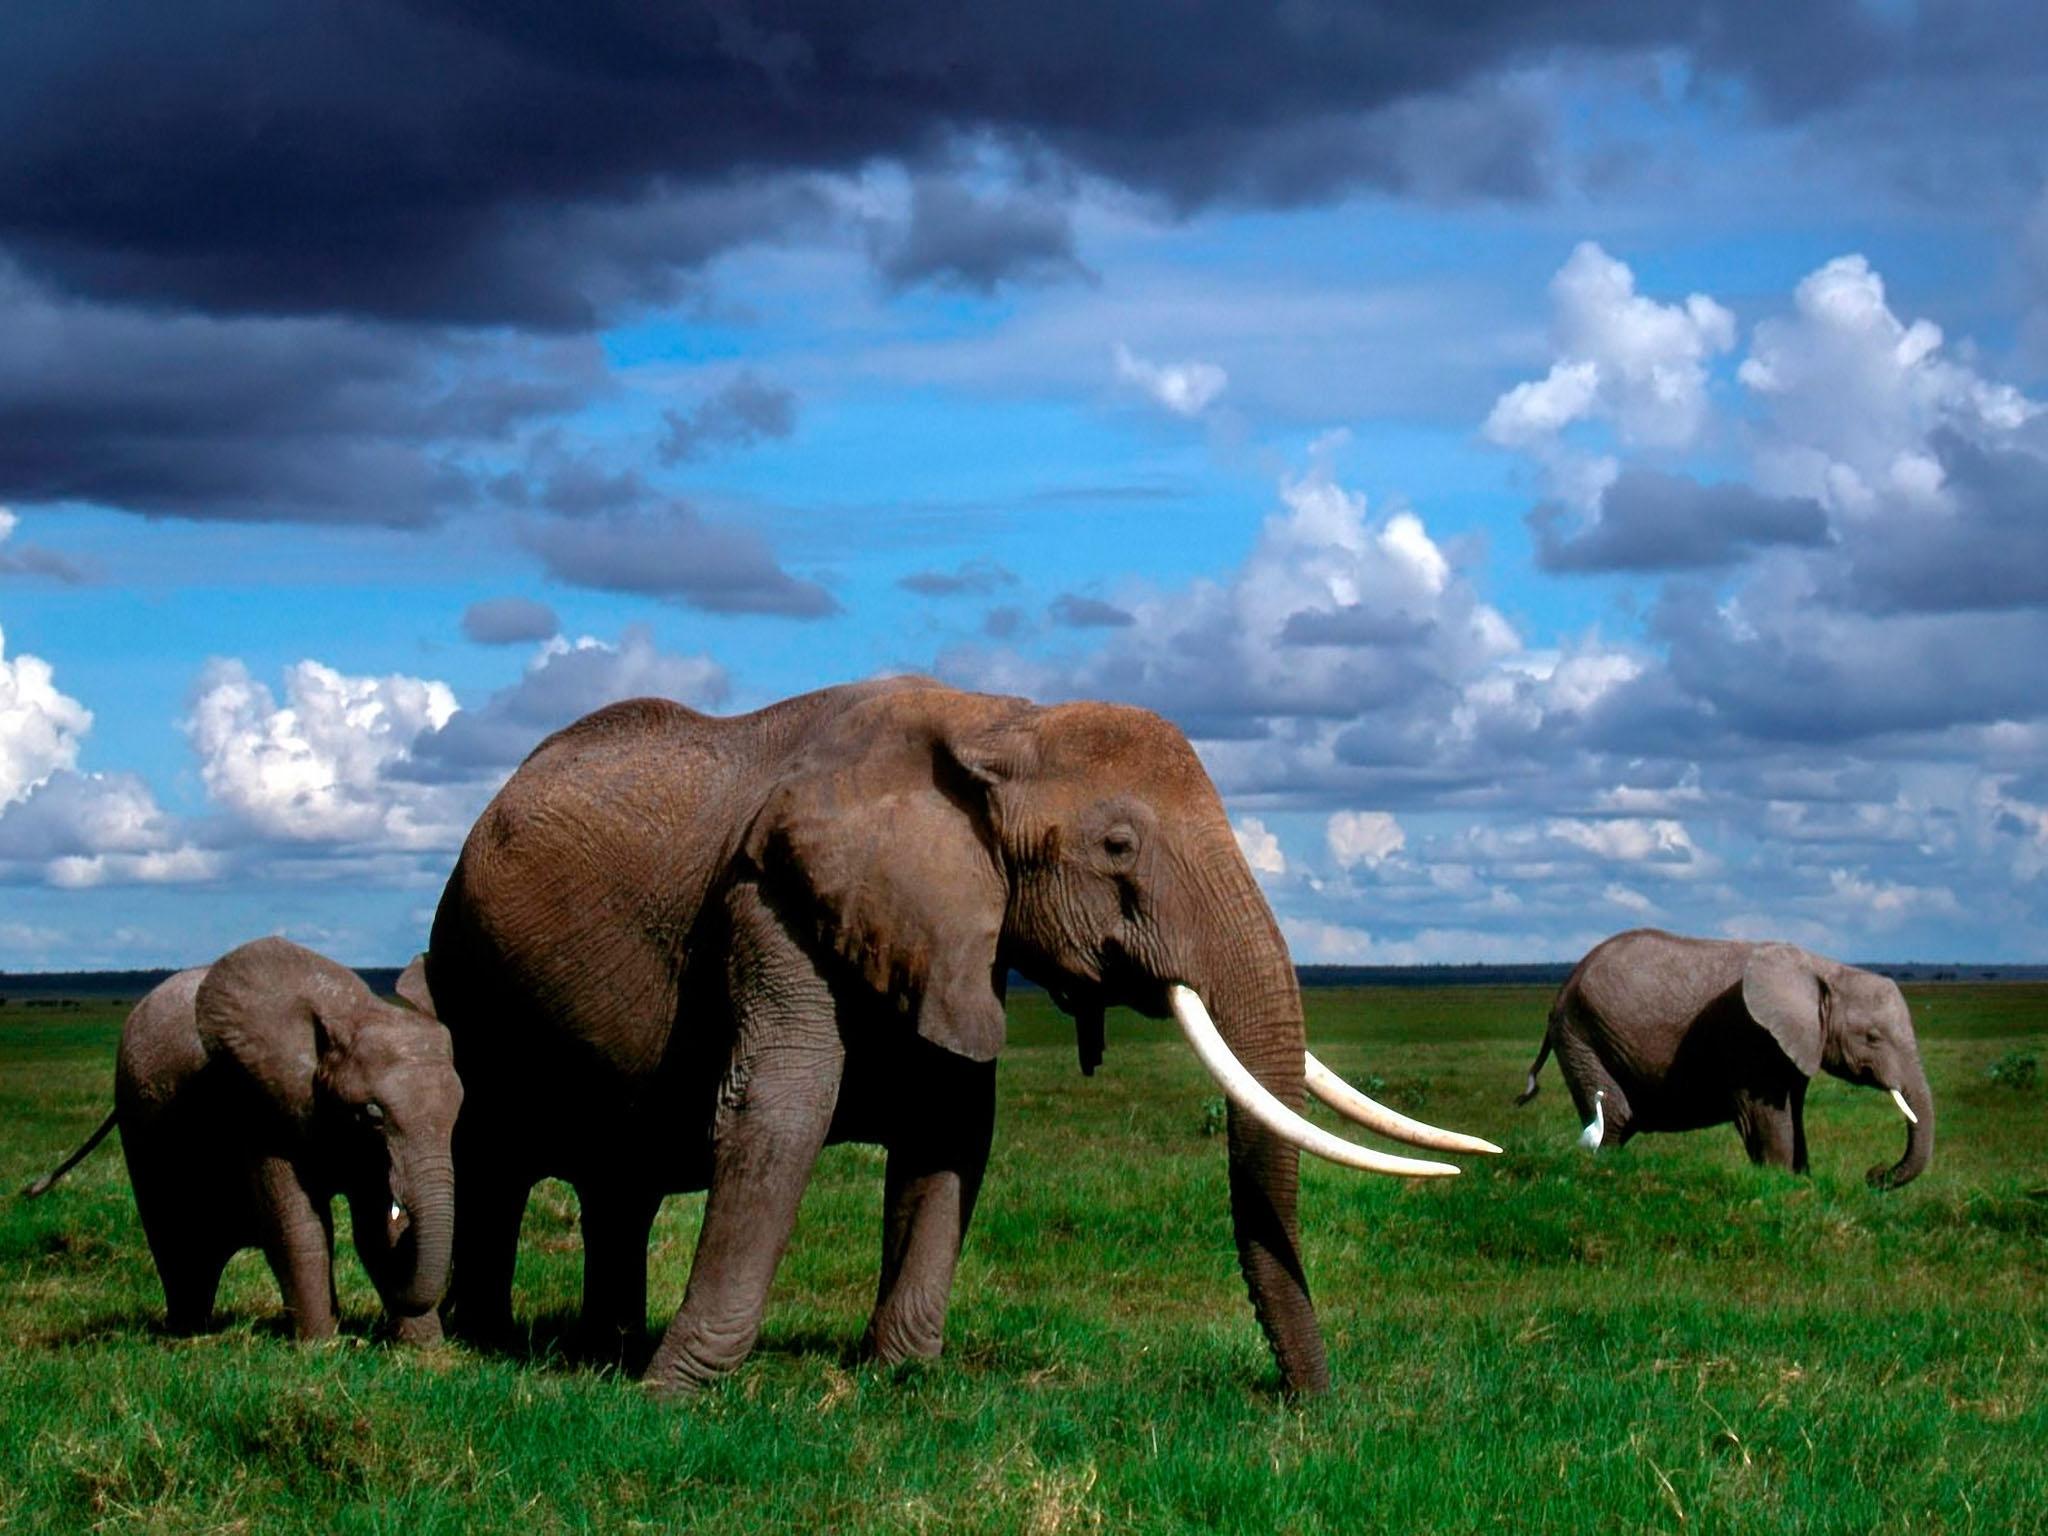 elephant hd